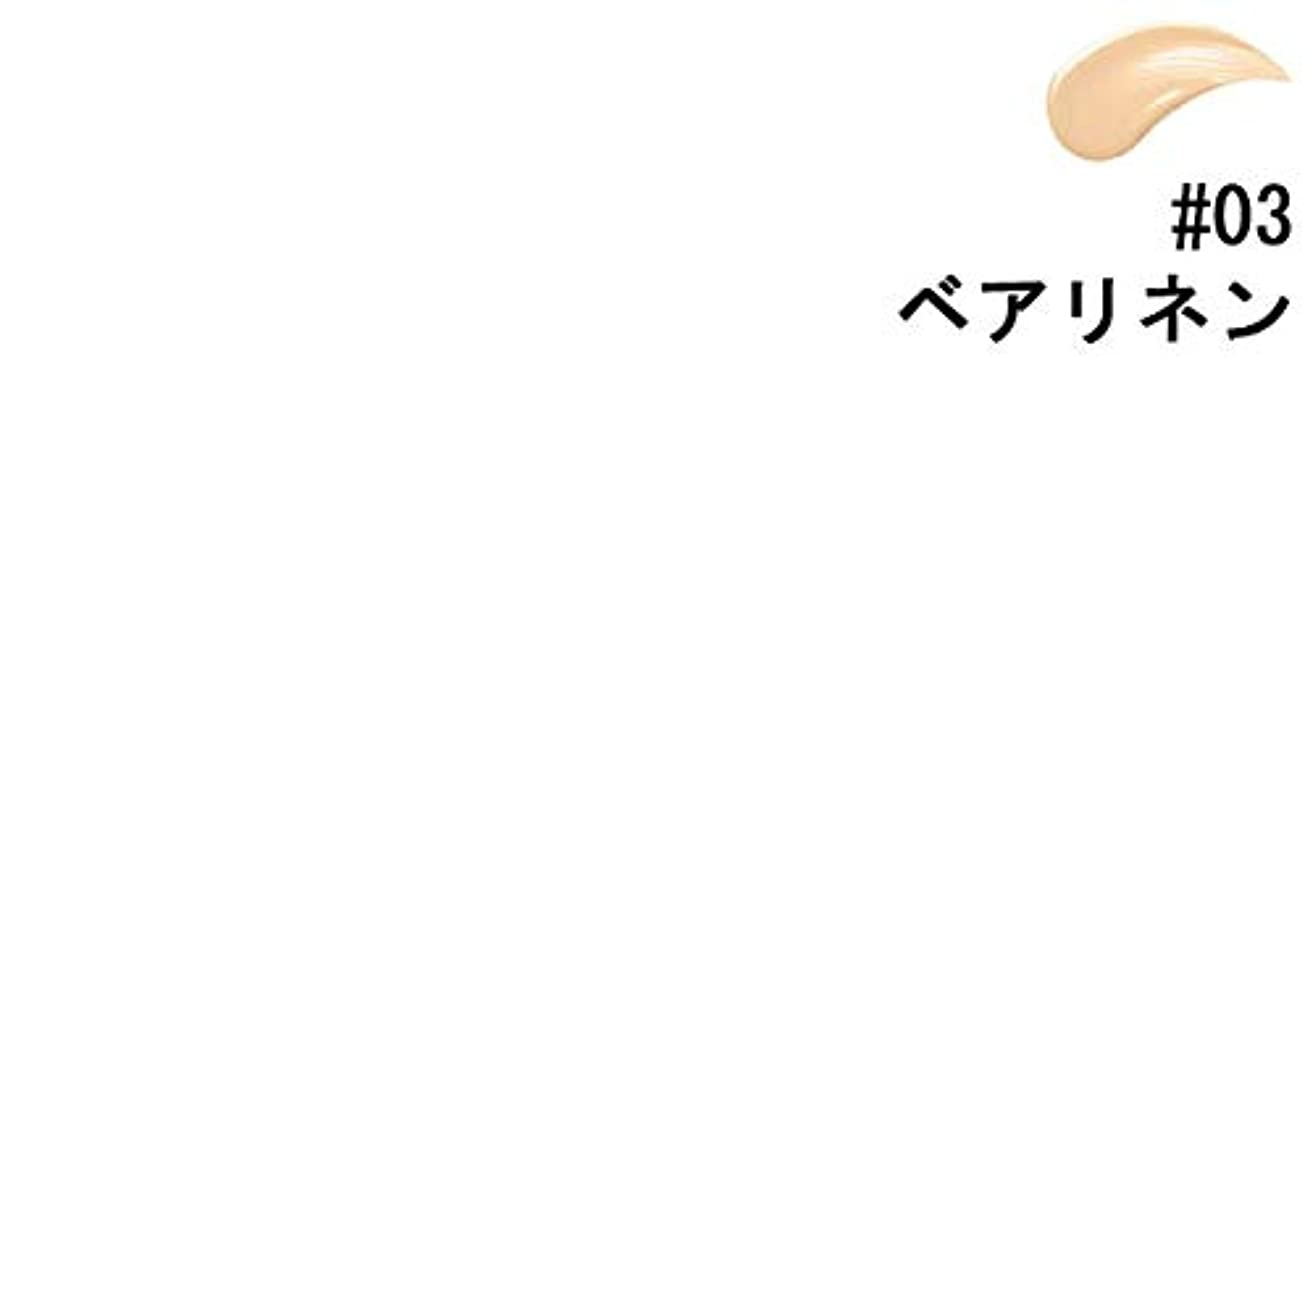 分析的なびっくりする勝つ【ベアミネラル】ベアミネラル ベア ファンデーション #03 ベアリネン 30ml [並行輸入品]